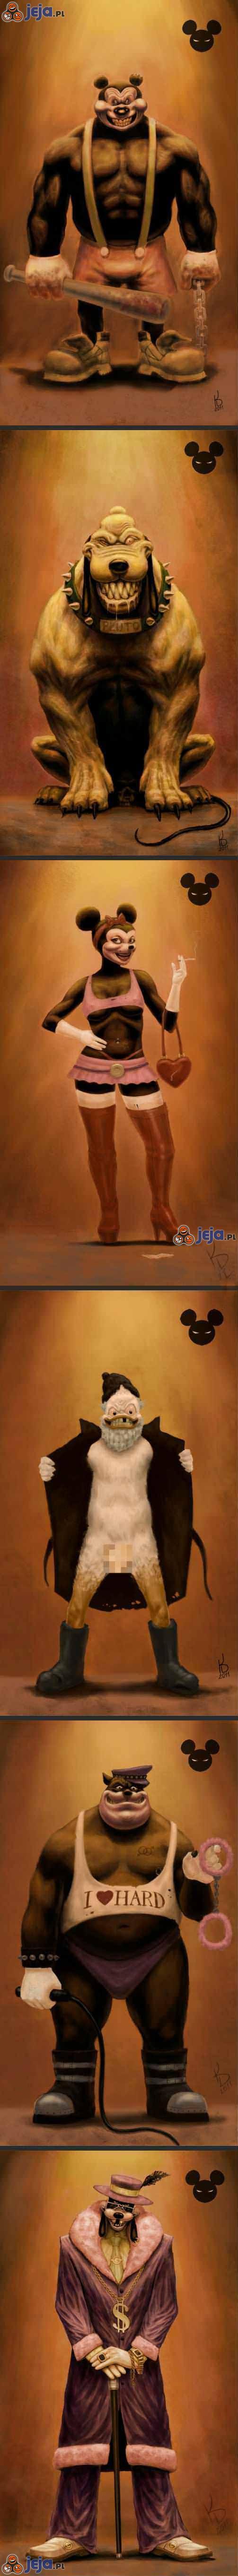 Gdyby postacie Disney'a były złe